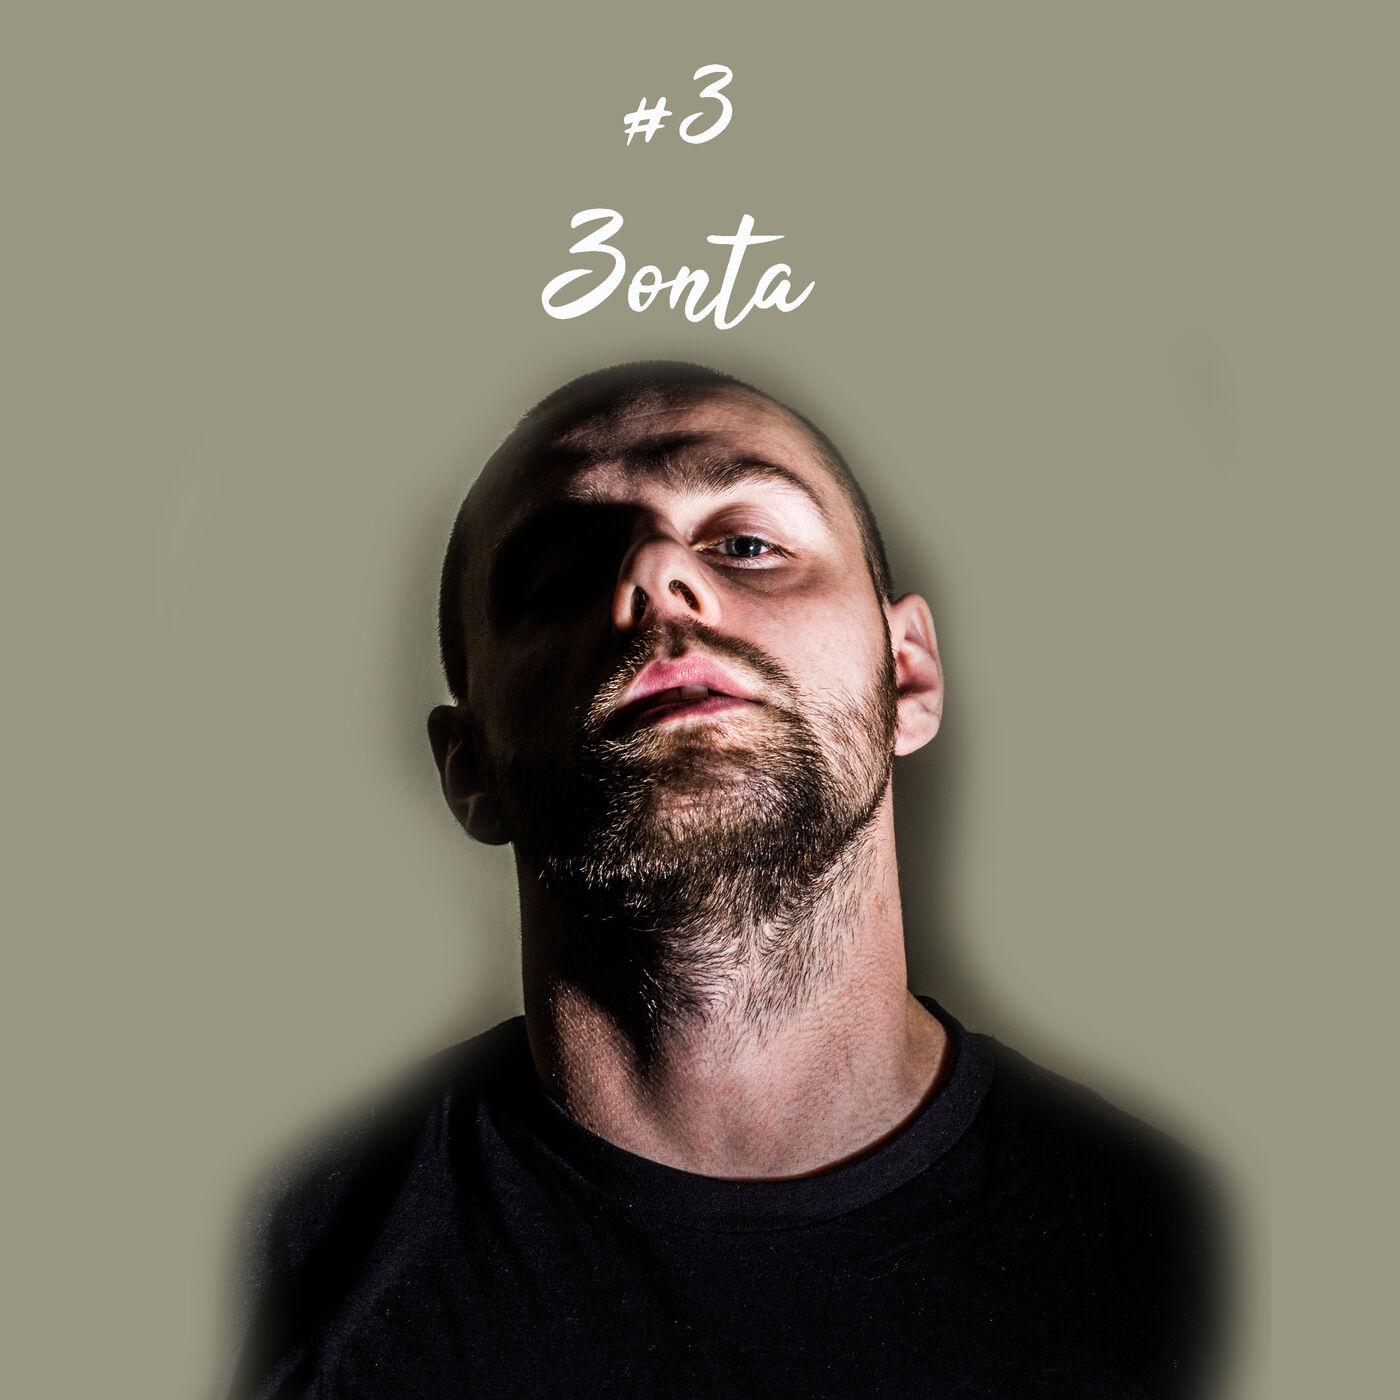 #3 Zonta